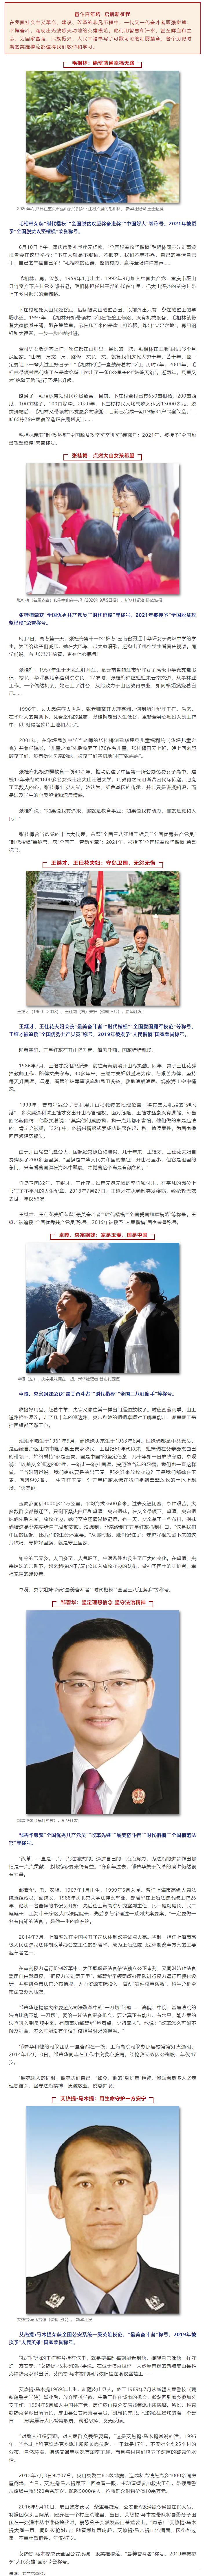 FireShot Capture 226 - 数风流人物 - 在平凡的岗位上书写不平凡的人生华章 - mp.weixin.qq.com.png